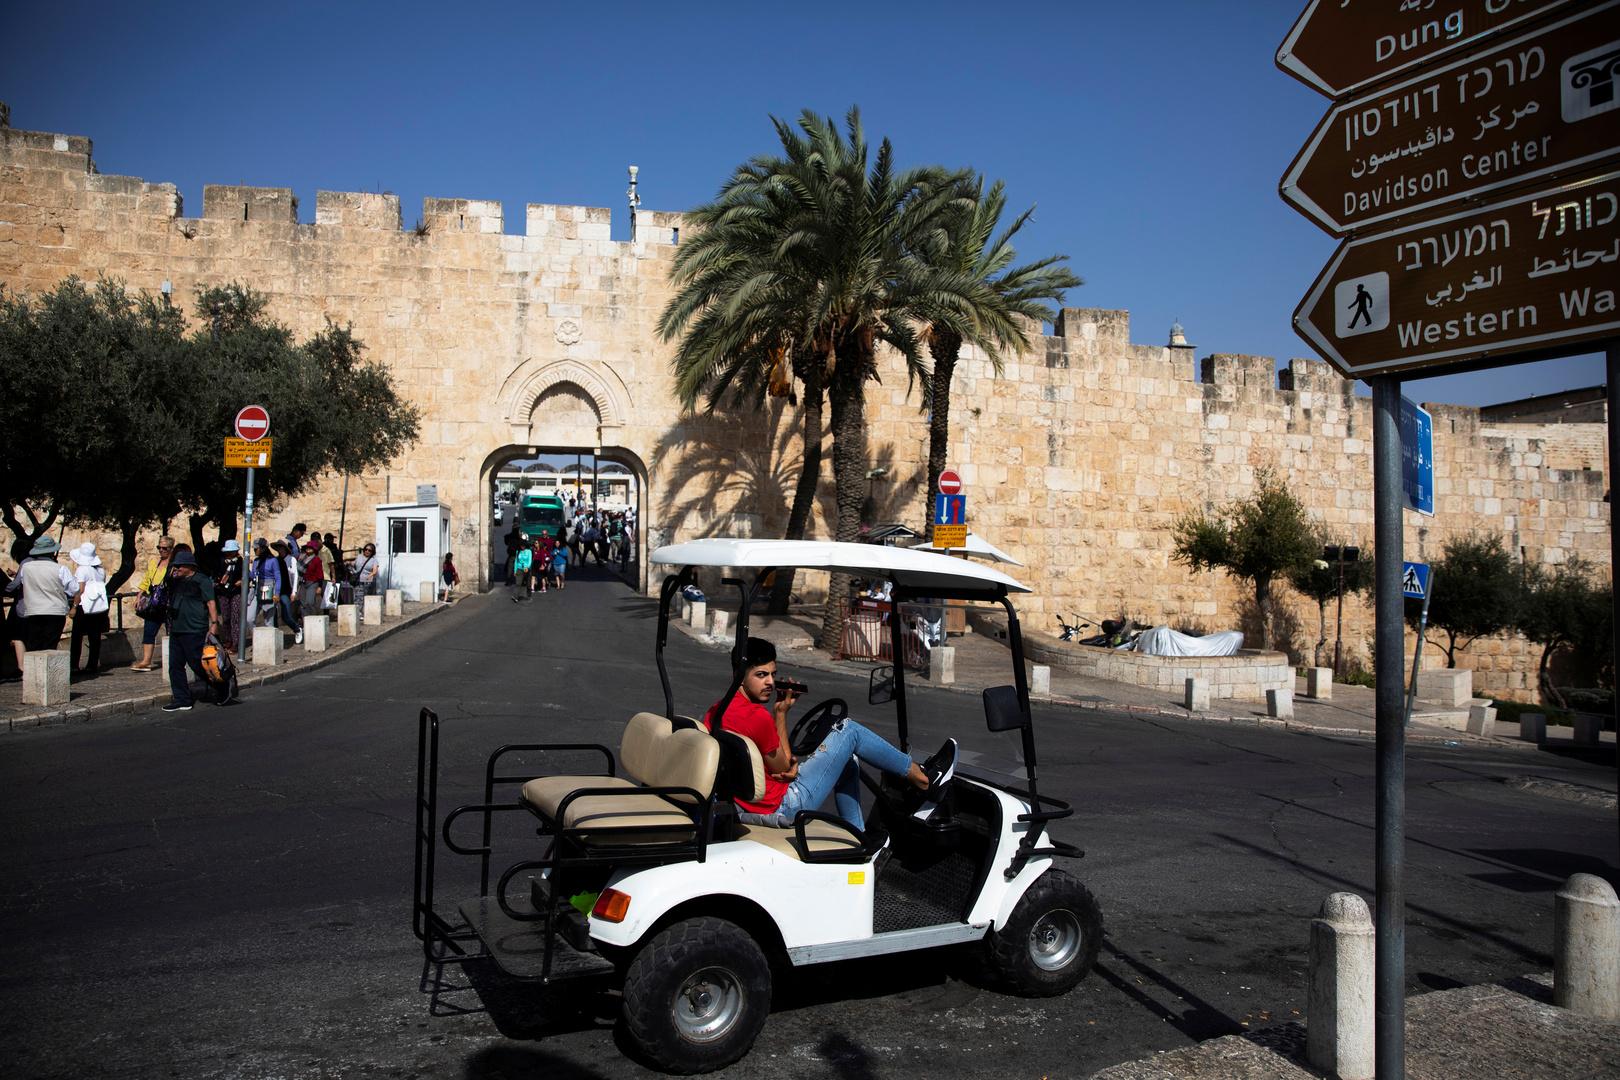 مستوطنون يضعون لافتة باللغة العبرية عند أحد الأبواب المؤدية إلى المسجد الأقصى